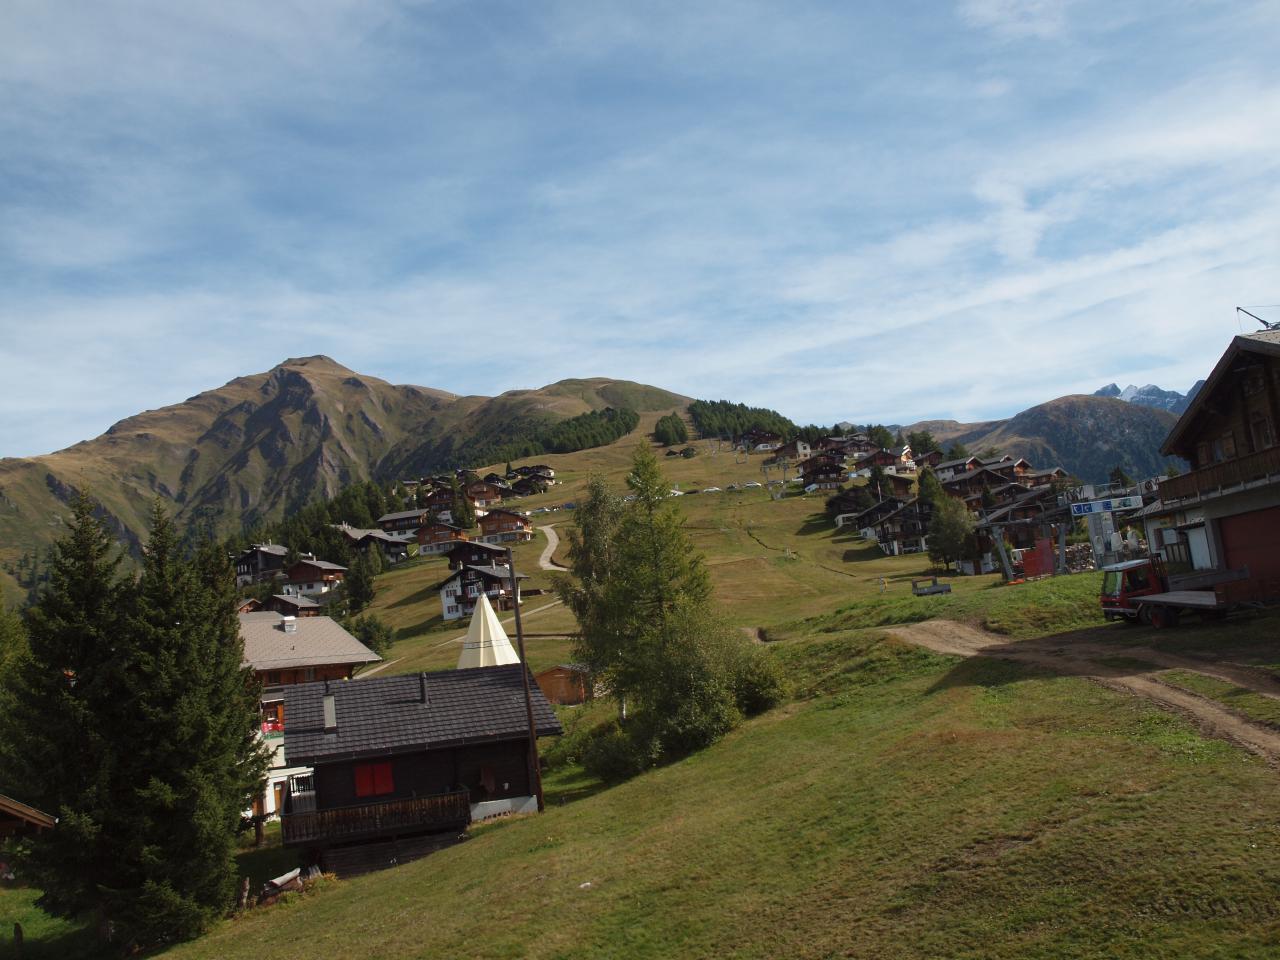 Ferienwohnung Urchiges Walliserchalet auf Rosswald | Alphütte OG (2171131), Rosswald, Brig - Simplon, Wallis, Schweiz, Bild 7